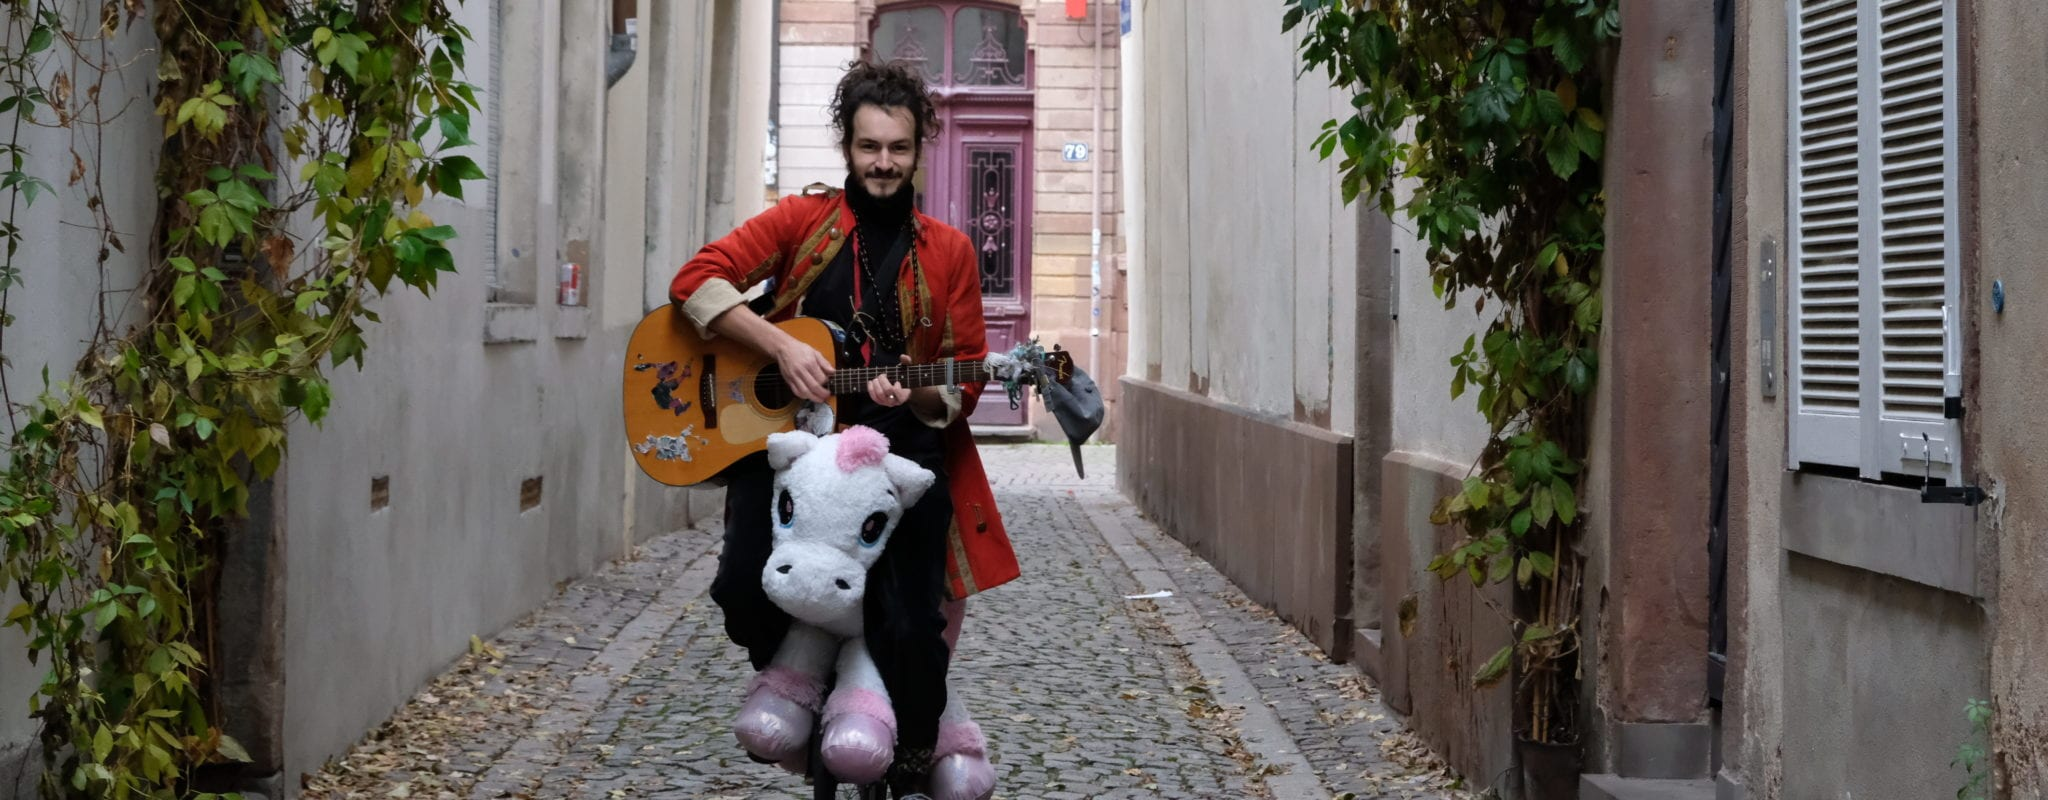 En lutte contre la morosité, Baptiste Schohn joue de la guitare sur un monocycle-licorne